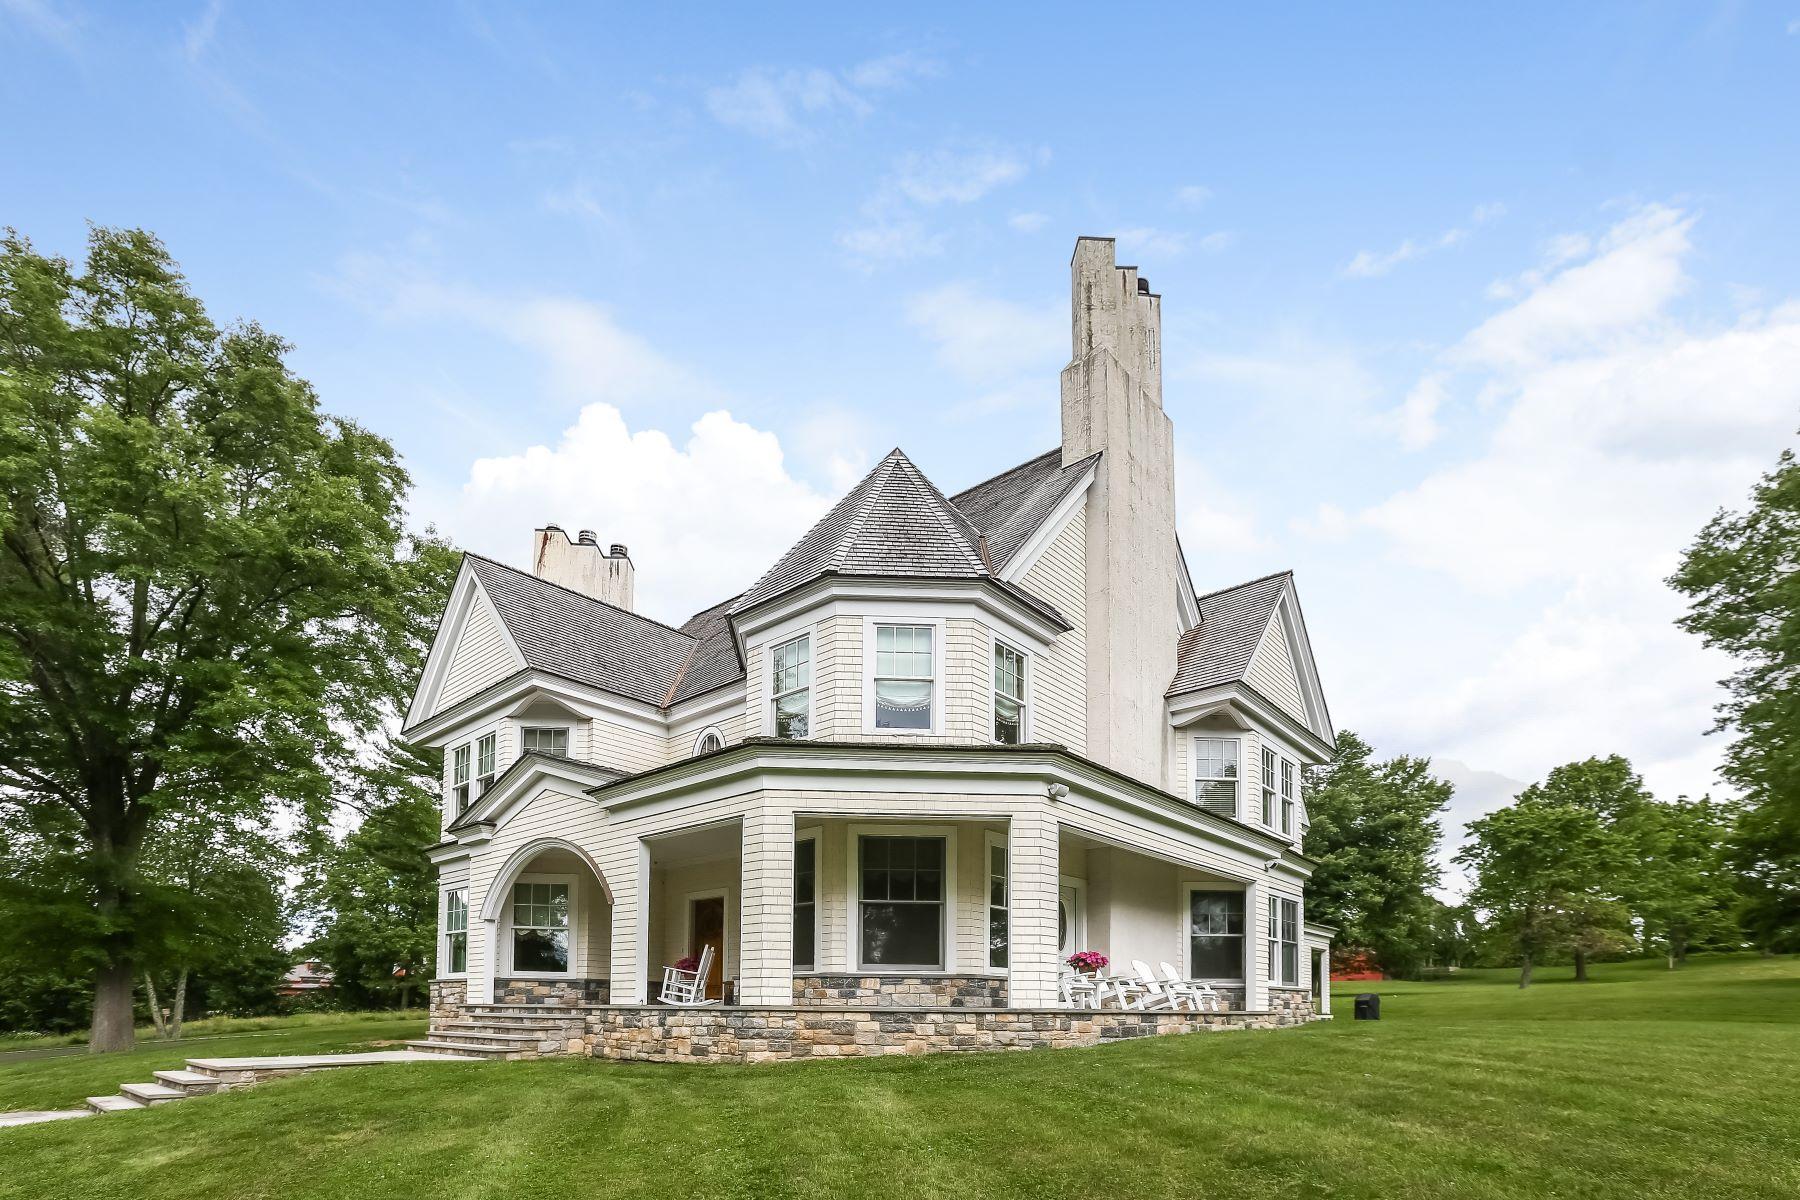 Maison unifamiliale pour l Vente à Merwins Lane 1830 Merwins Lane Fairfield, Connecticut 06824 États-Unis